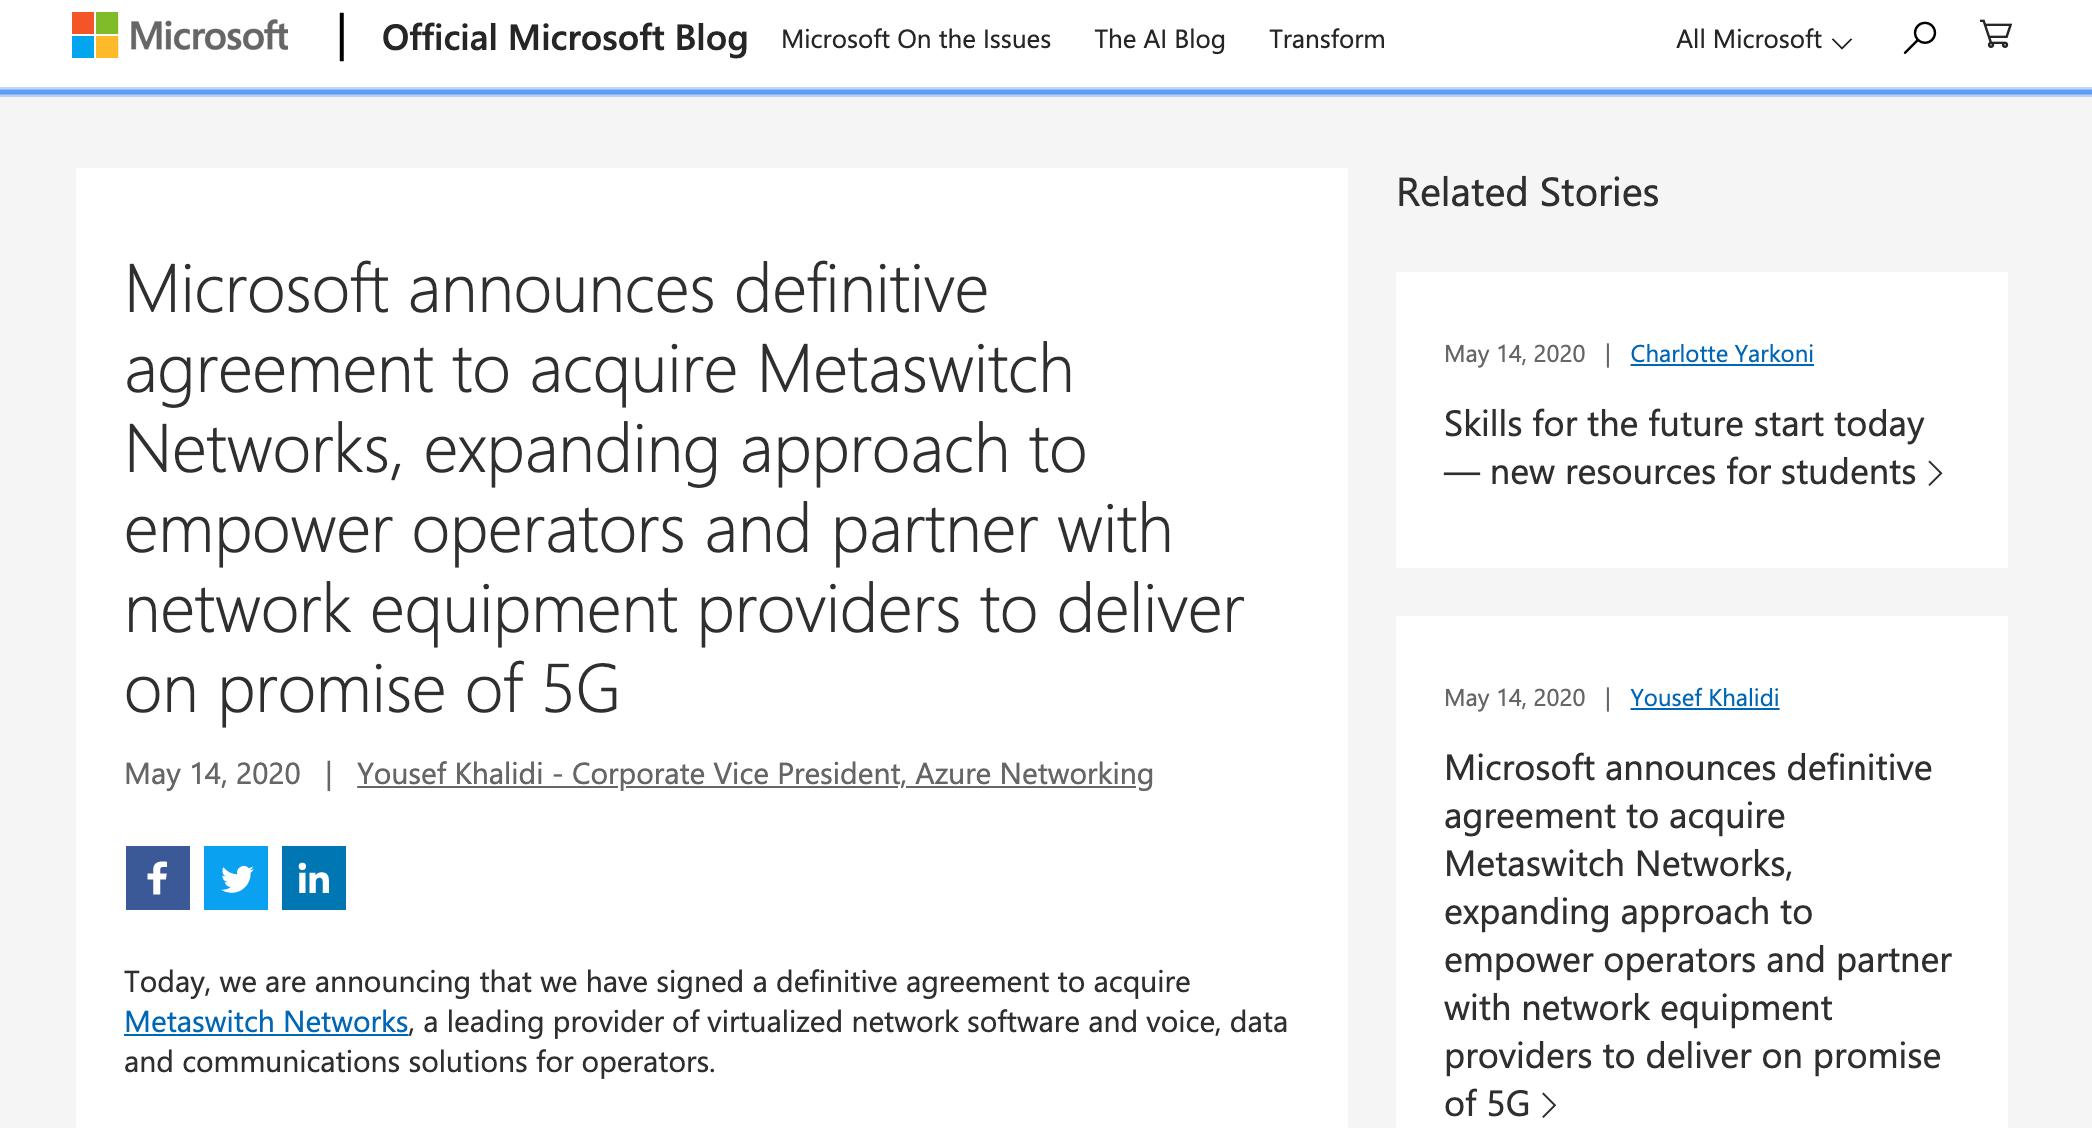 Microsoft Metaswitch Networks